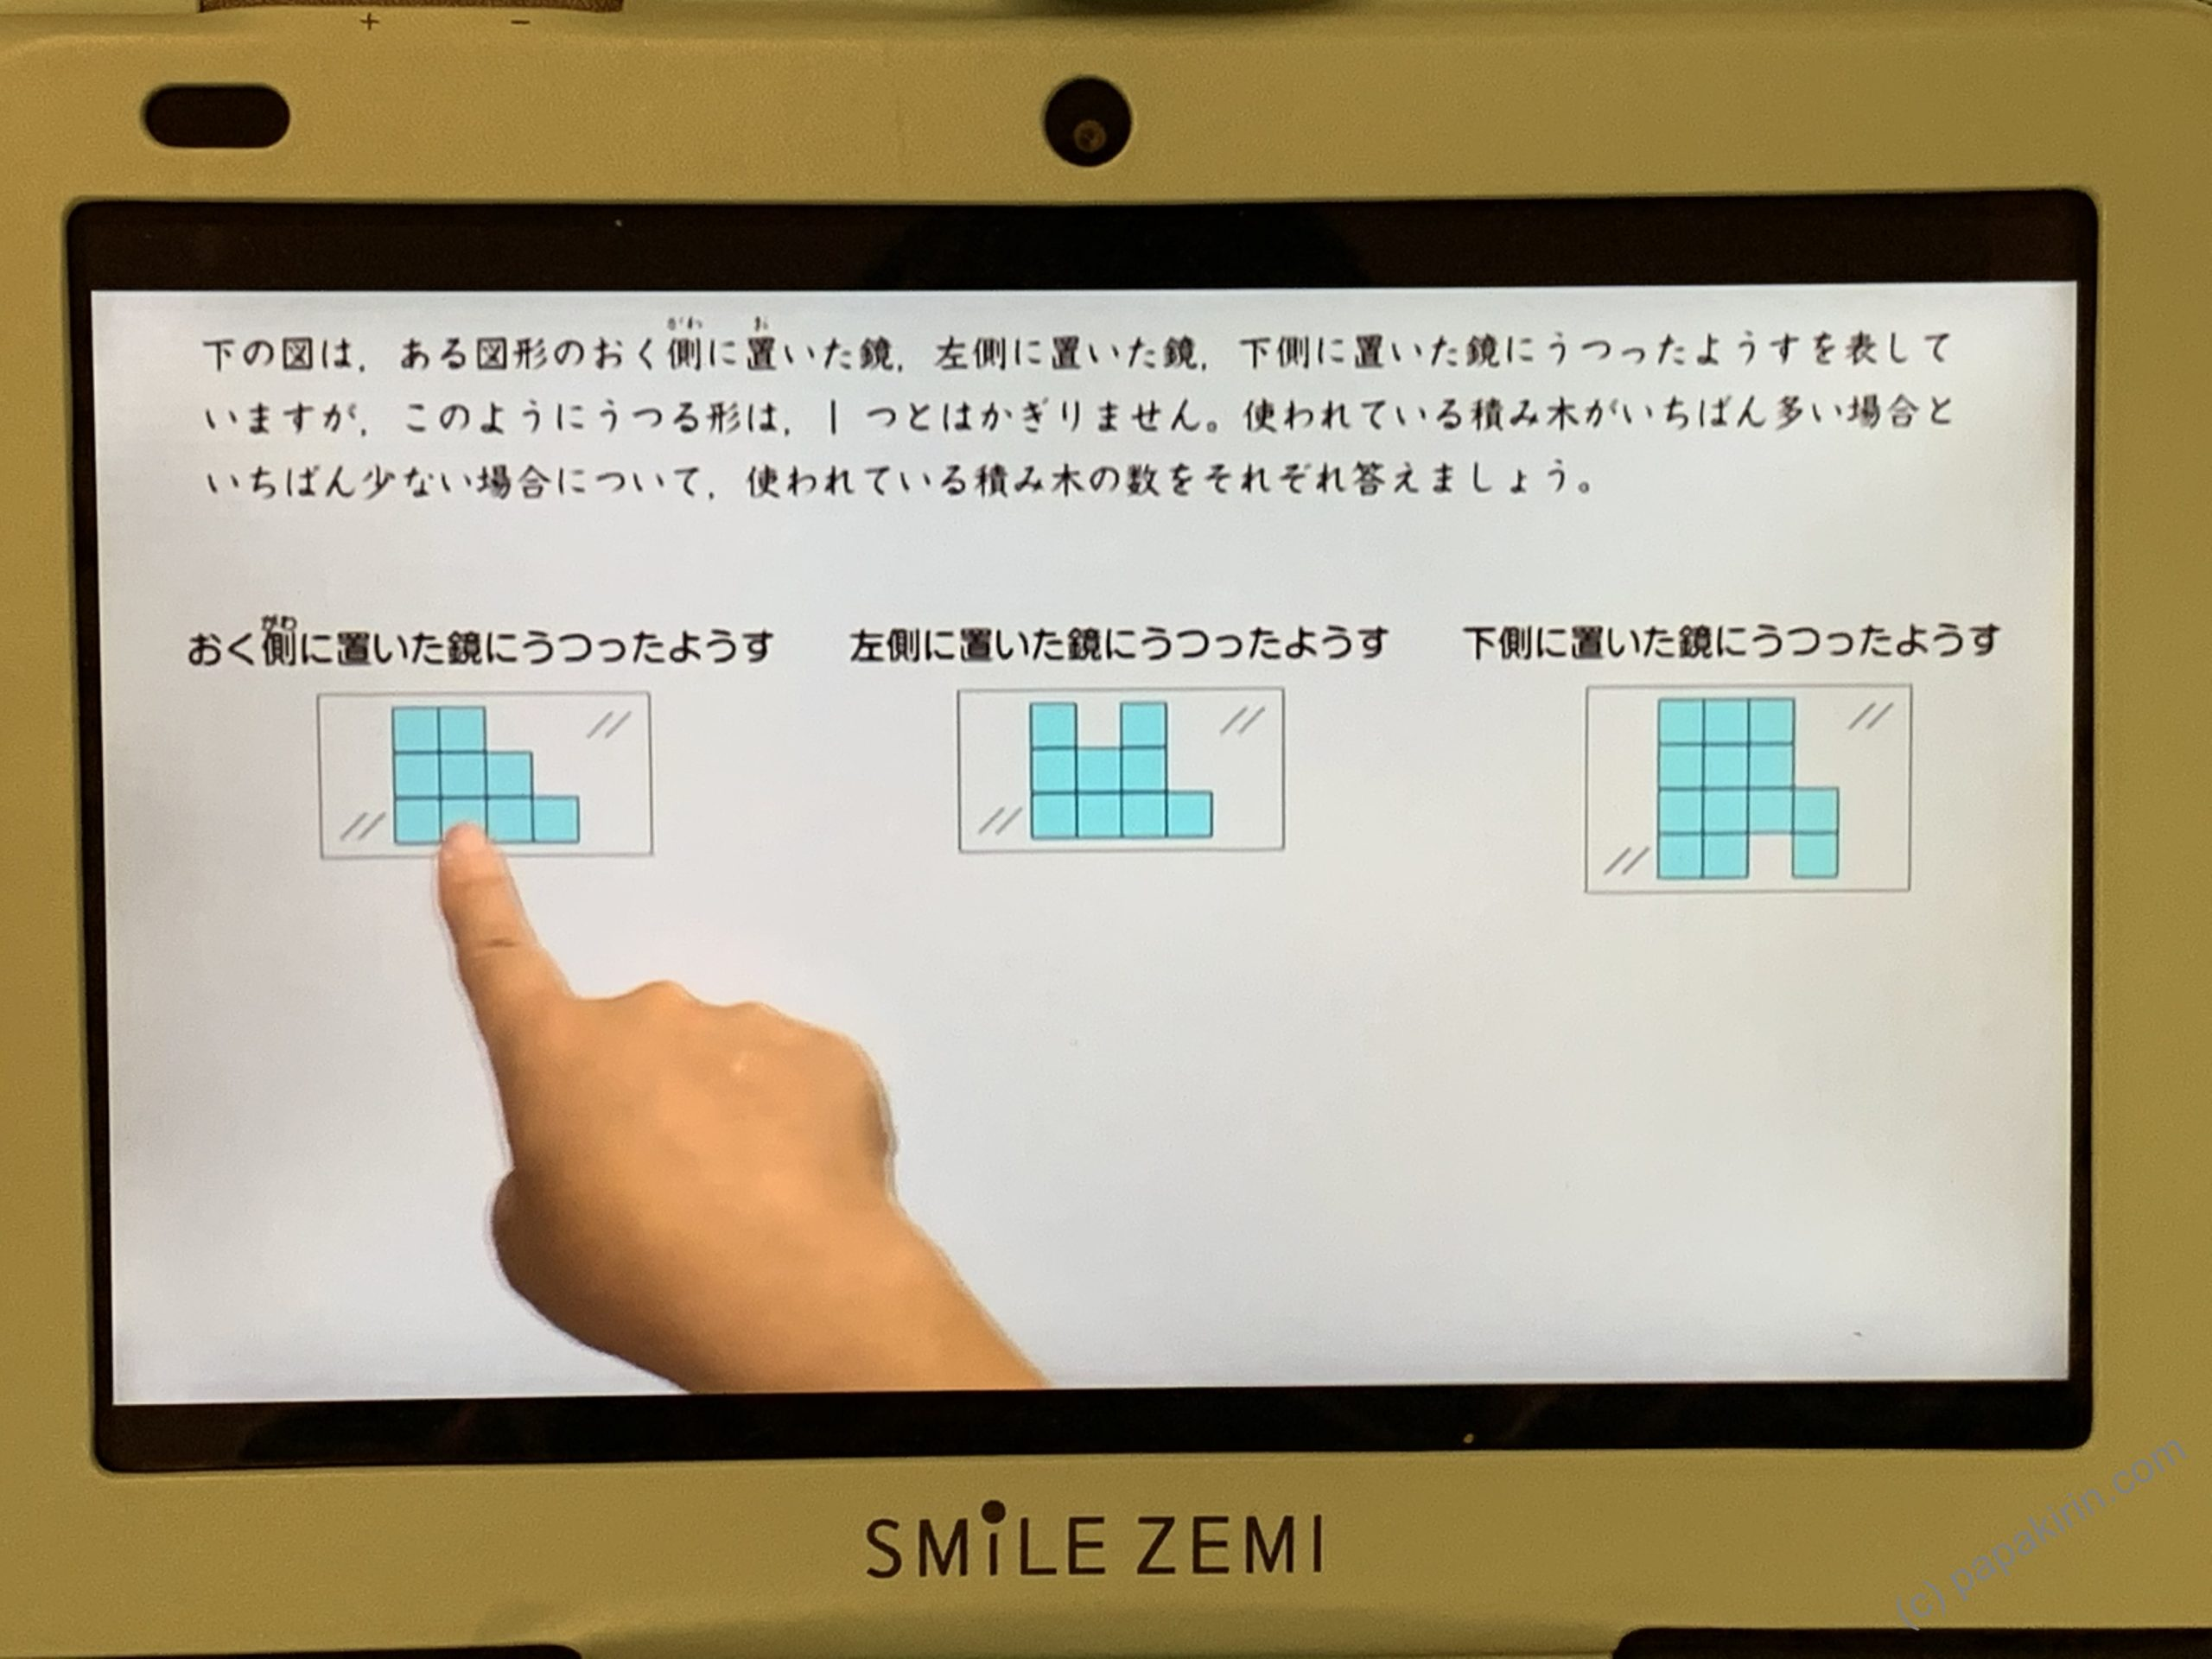 スマイルゼミ小学4年生発展クラスの算数の解説動画、男性の手が図を指さす画面